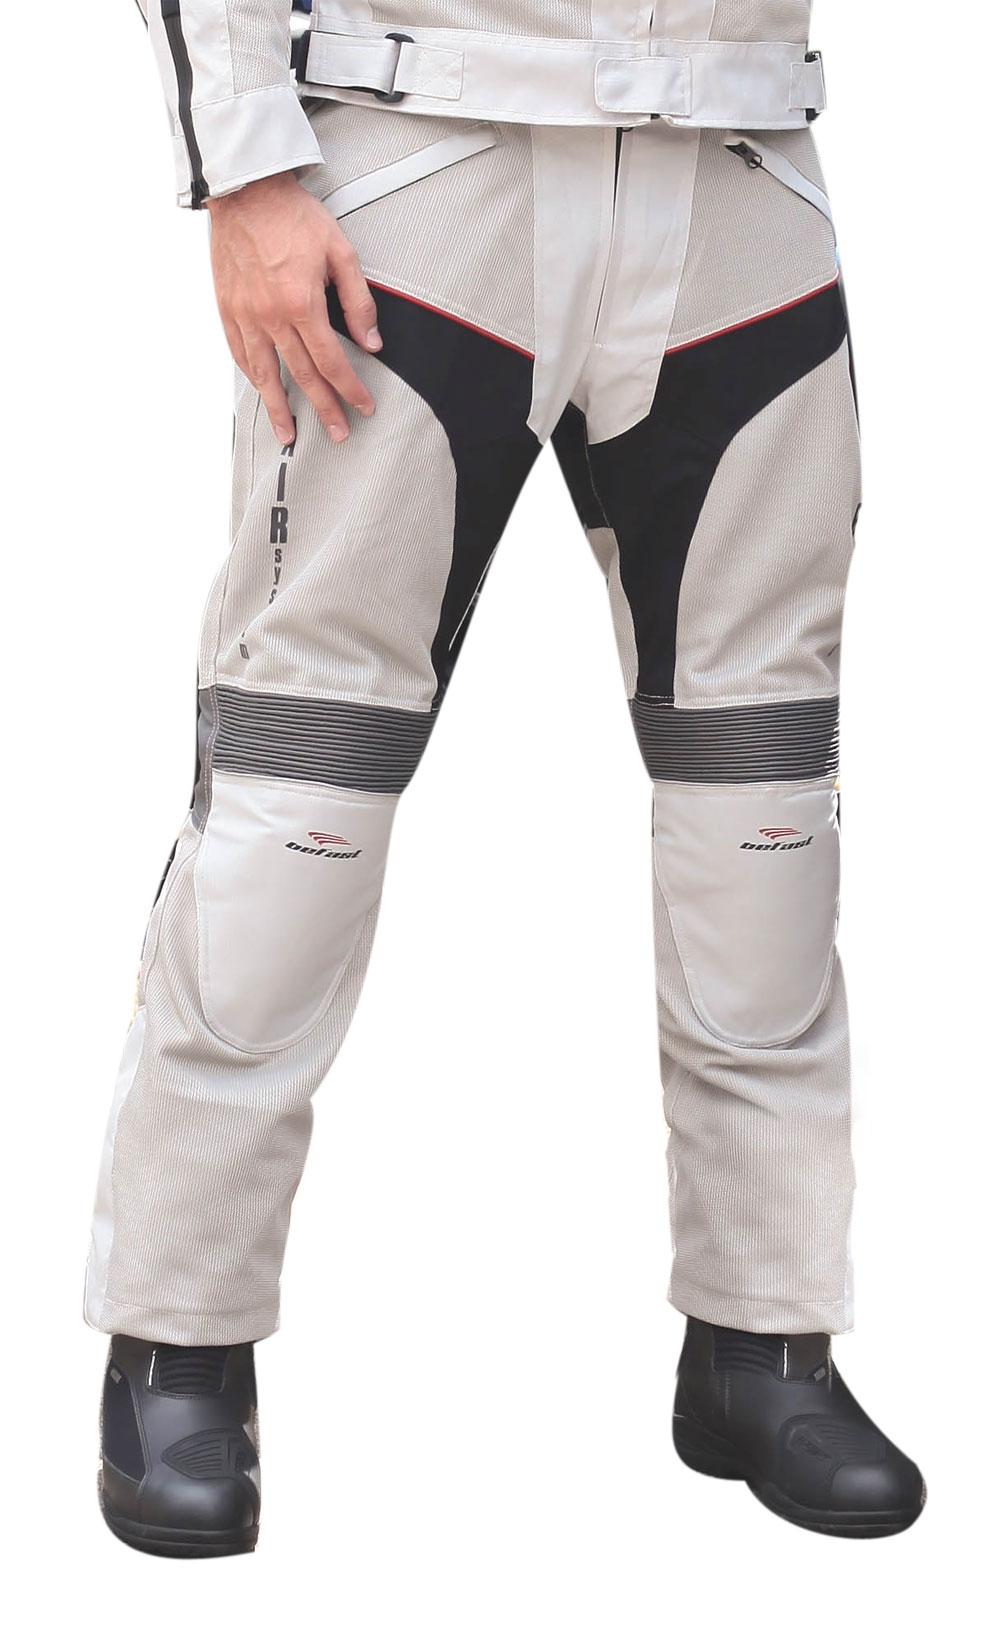 Pantaloni moto estivi Befast Sirio Grigio